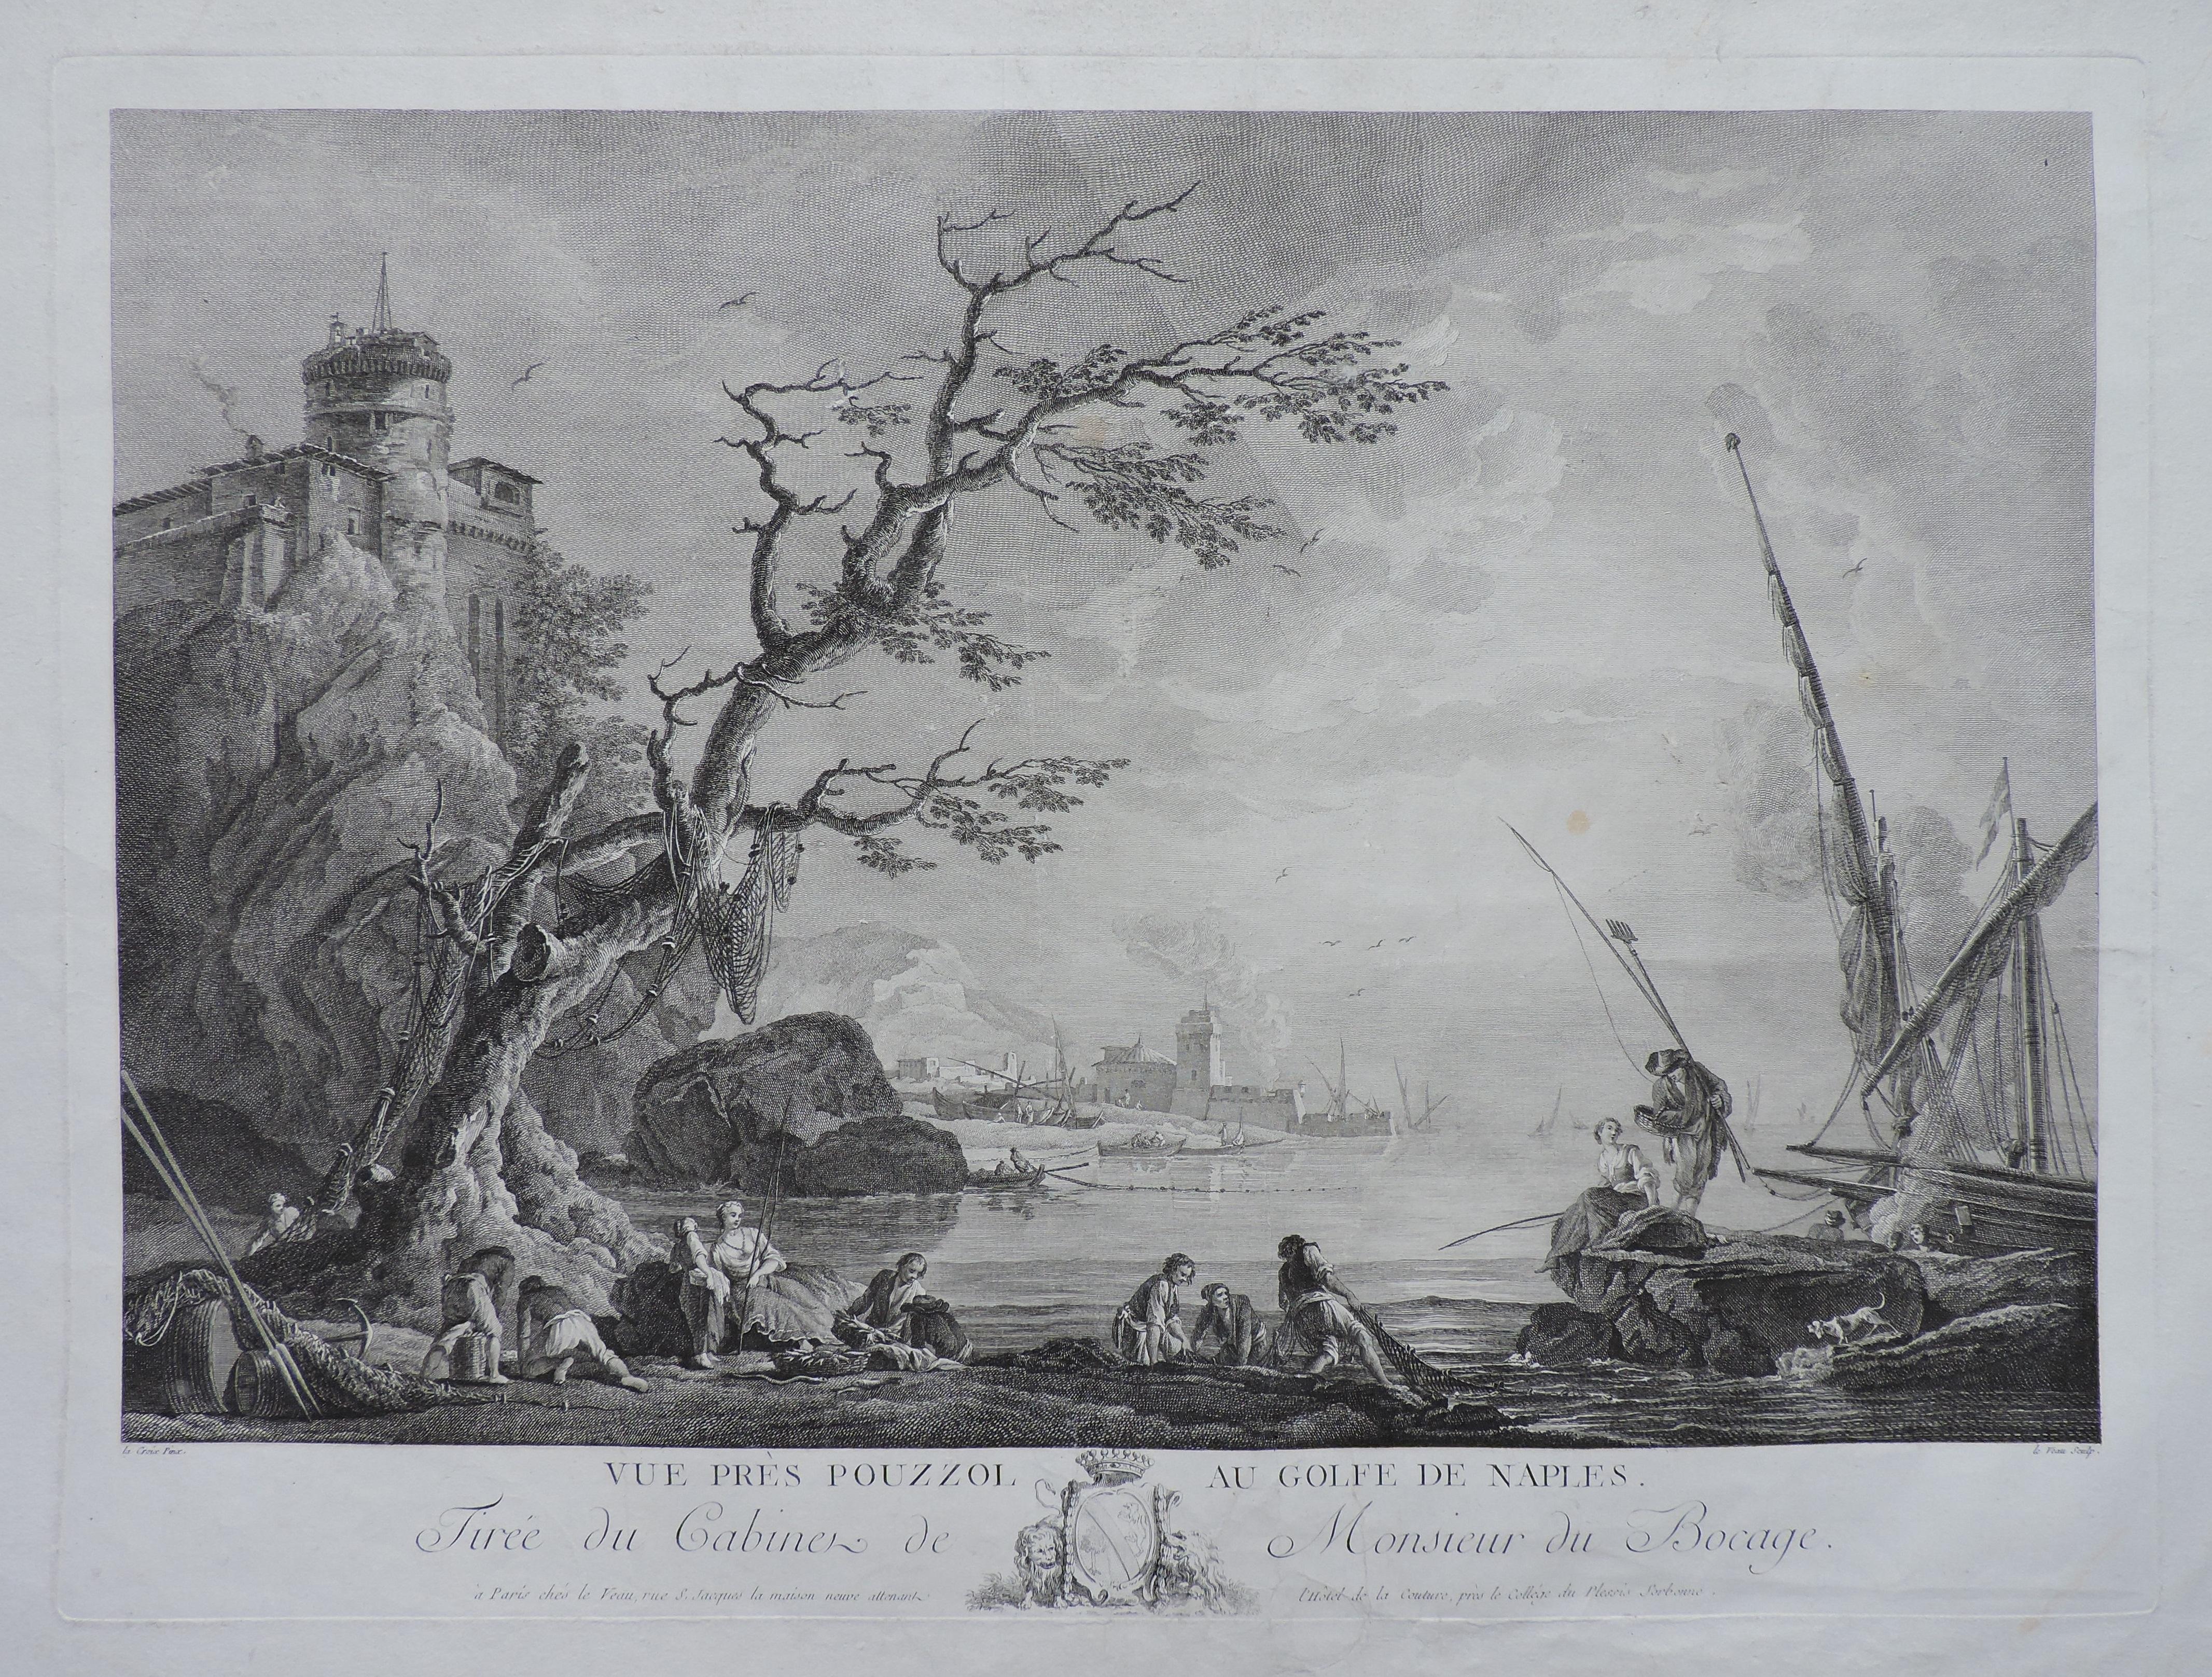 Pouzzoles – Golfe de Naples